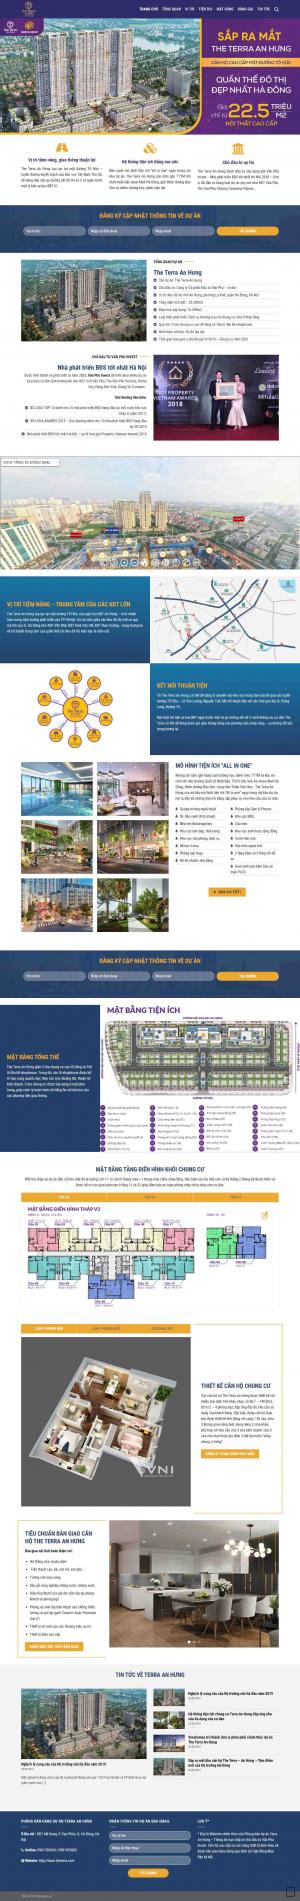 Mẫu giao diện thiết kế website bất động sản chuyên nghiệp nhất